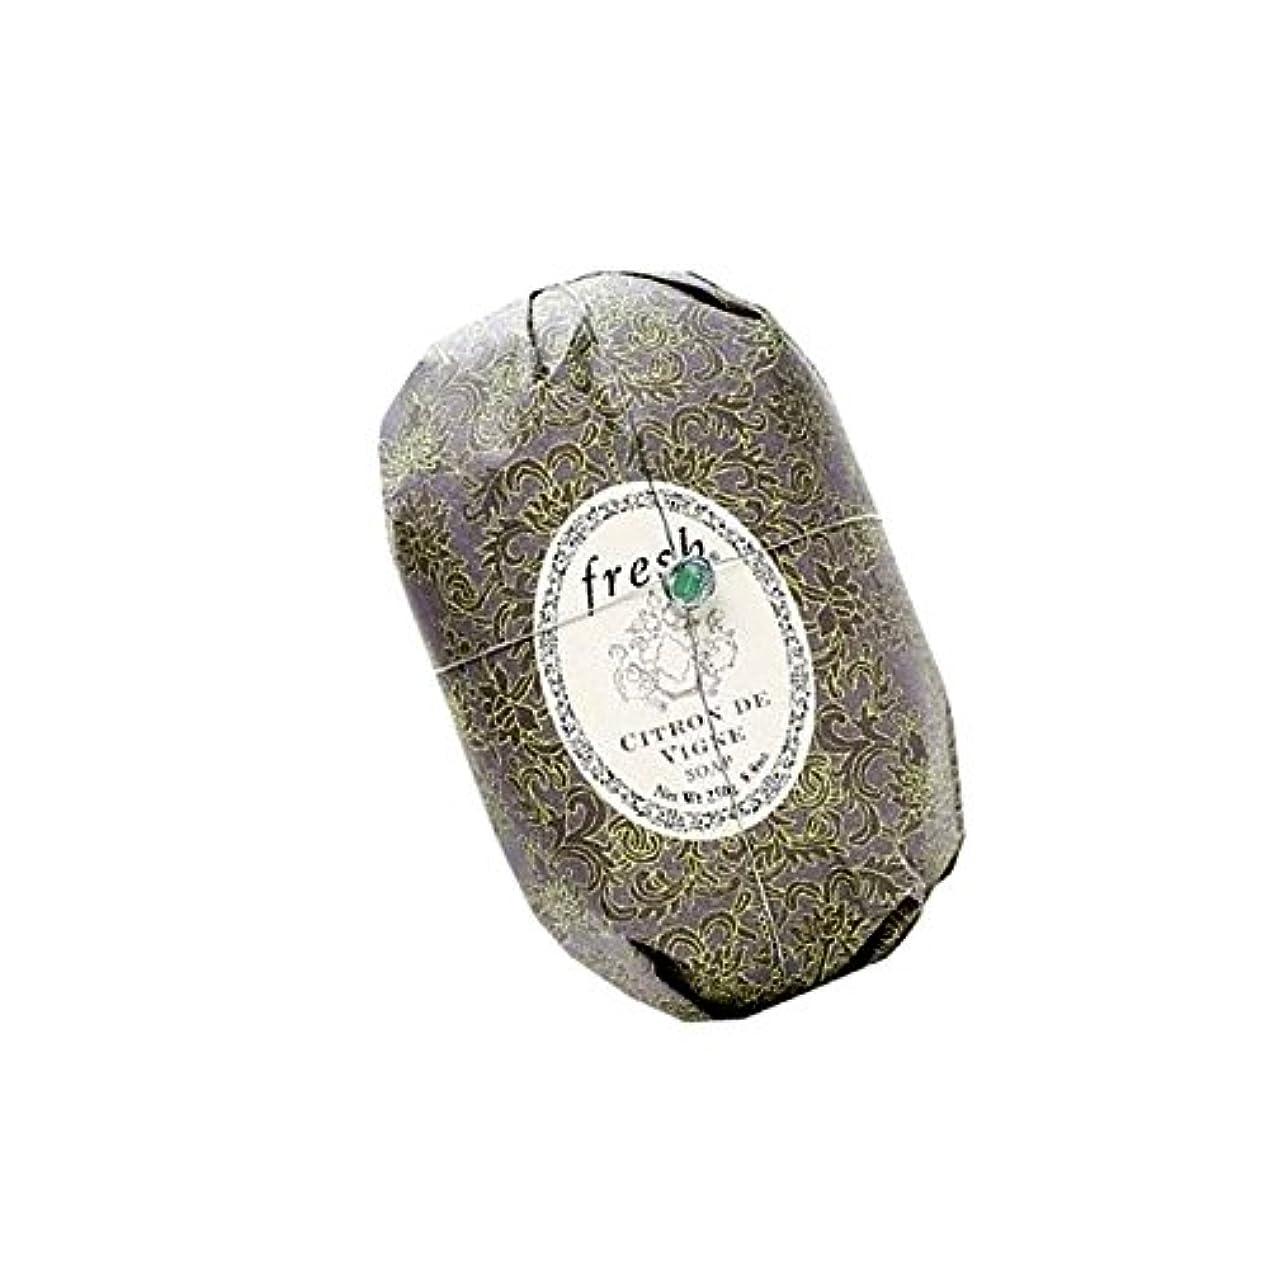 お誕生日力学ユダヤ人Fresh フレッシュ Citron de Vigne Soap 石鹸, 250g/8.8oz. [海外直送品] [並行輸入品]